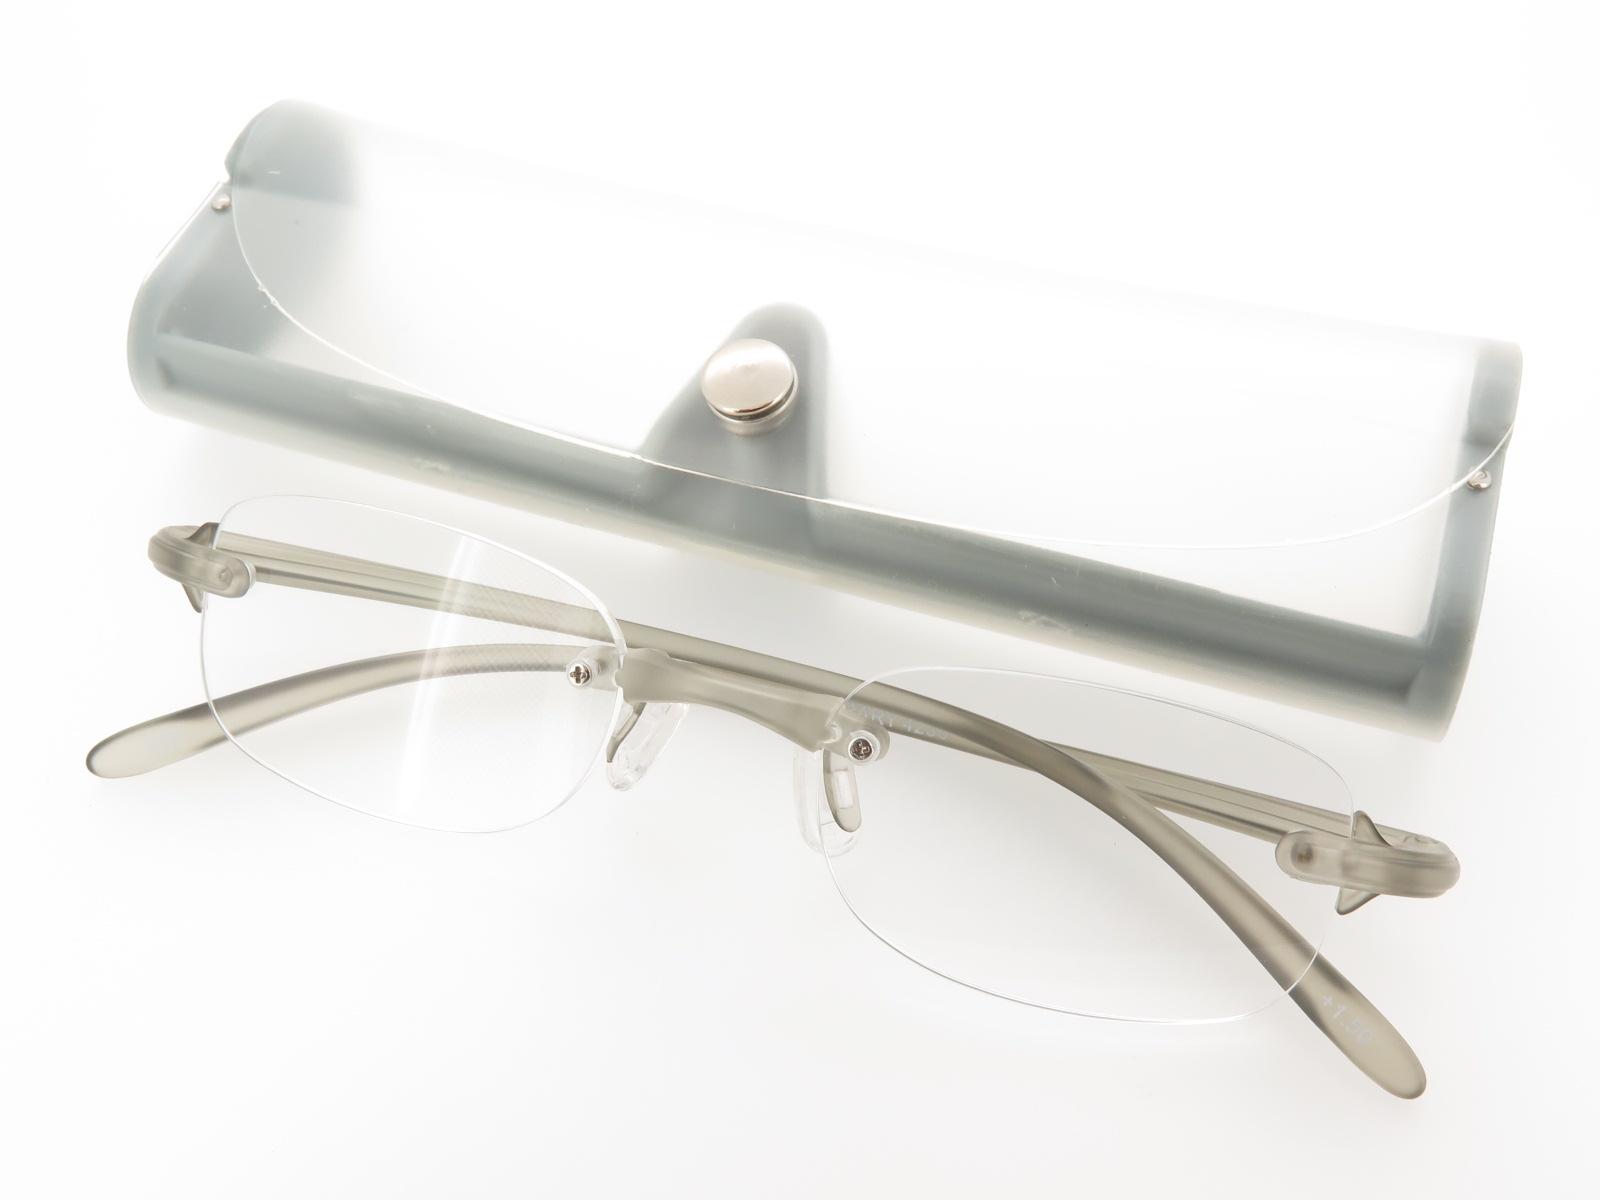 オシャレ 軽量 超弾性 コンパクト メンズ 老眼鏡 シニアグラス 非球面 縁なし グレー